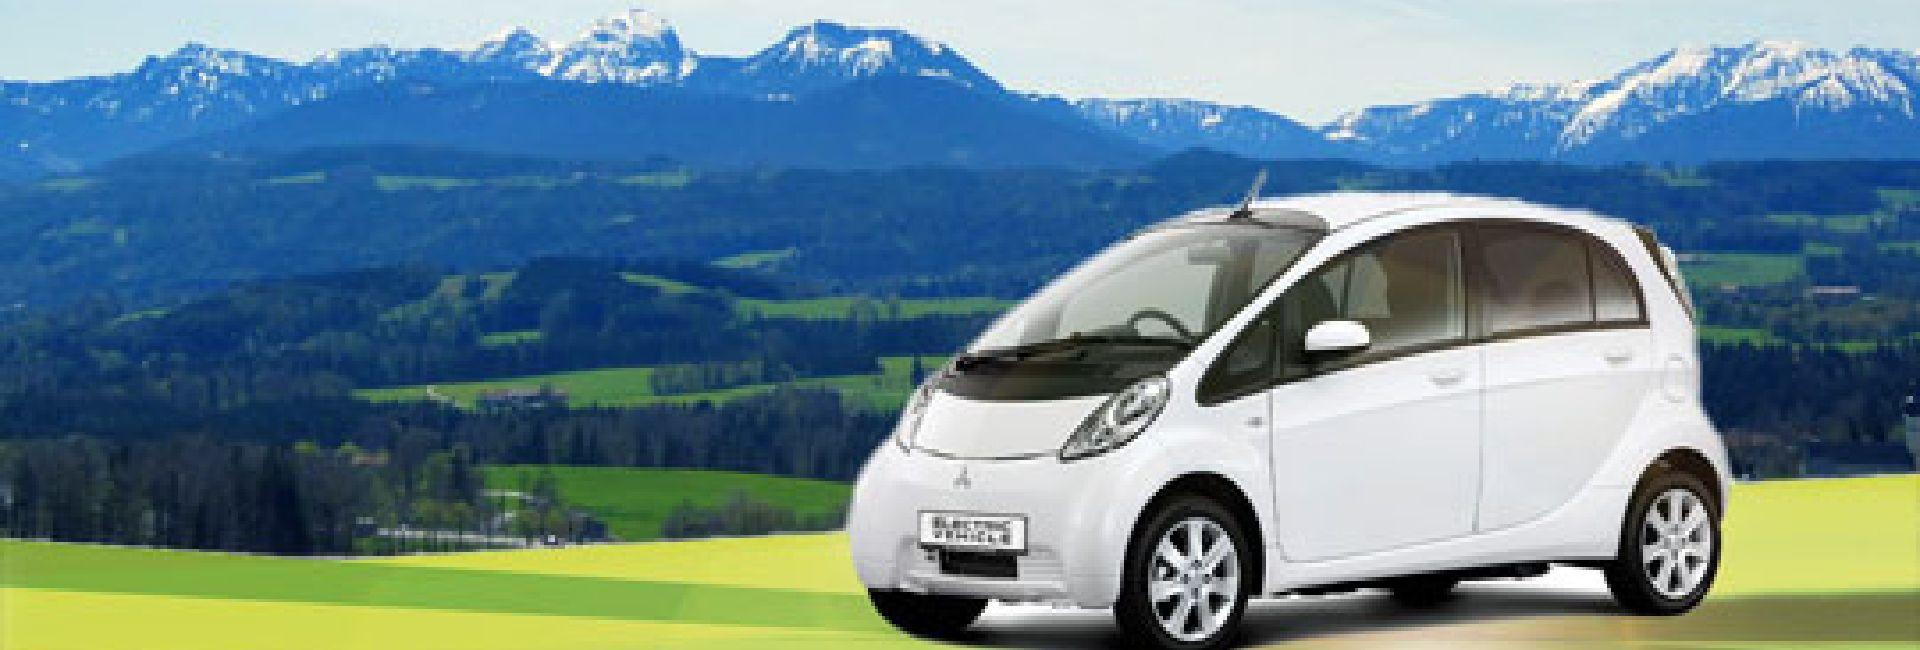 EWO-AutoTausch, Energiewende Oberland